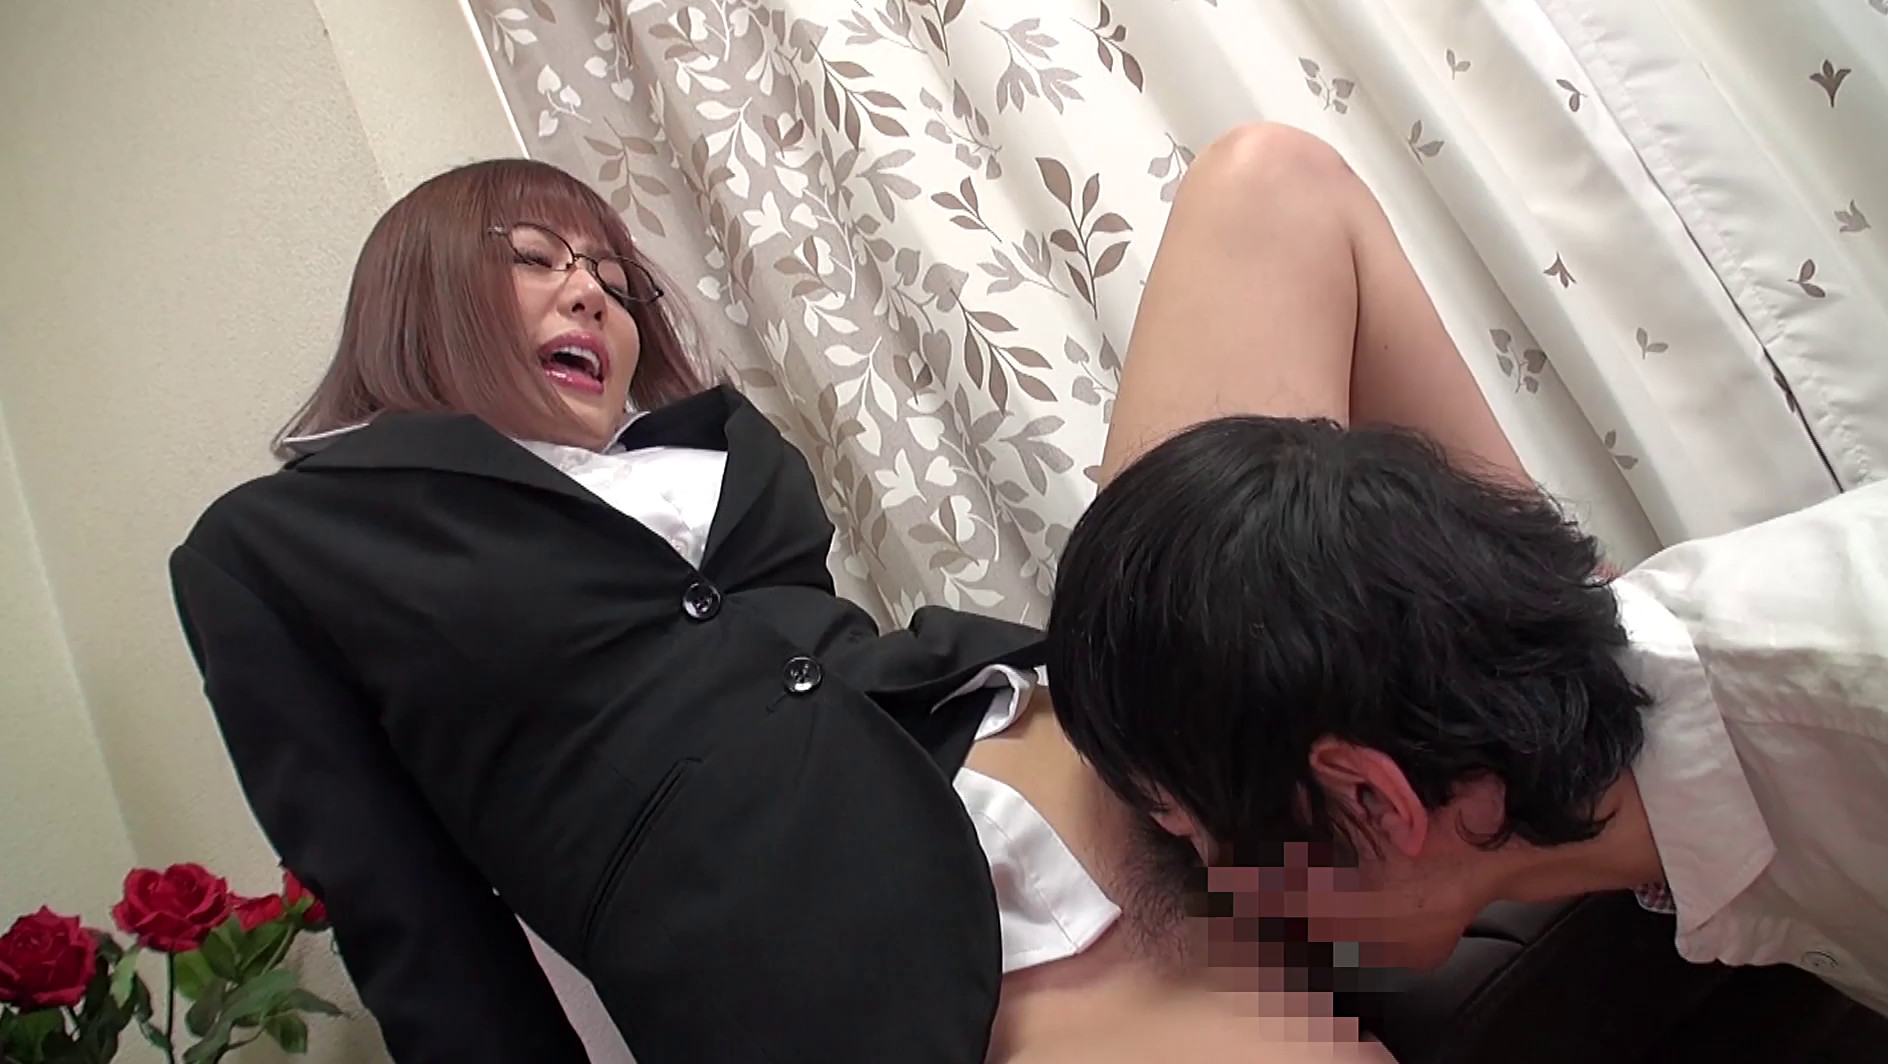 浜崎真緒先生の誰でも簡単!潮吹き講座 画像9